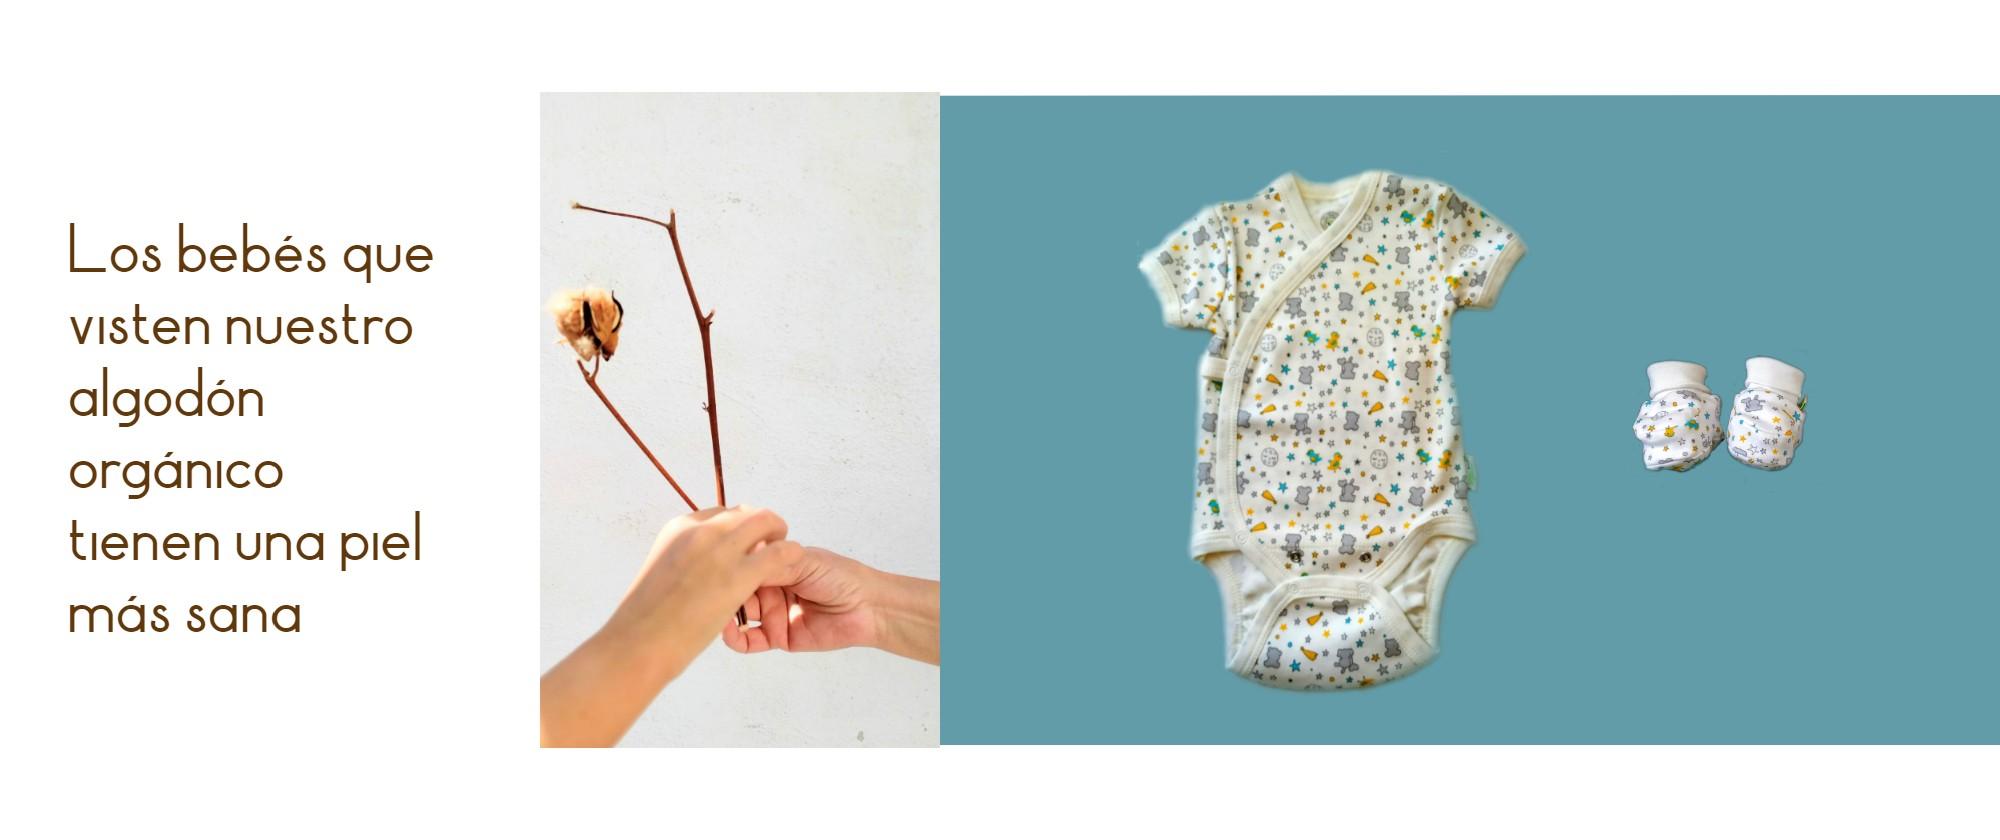 Los-bebes-que-visten-nuestro-algodón-orgánico